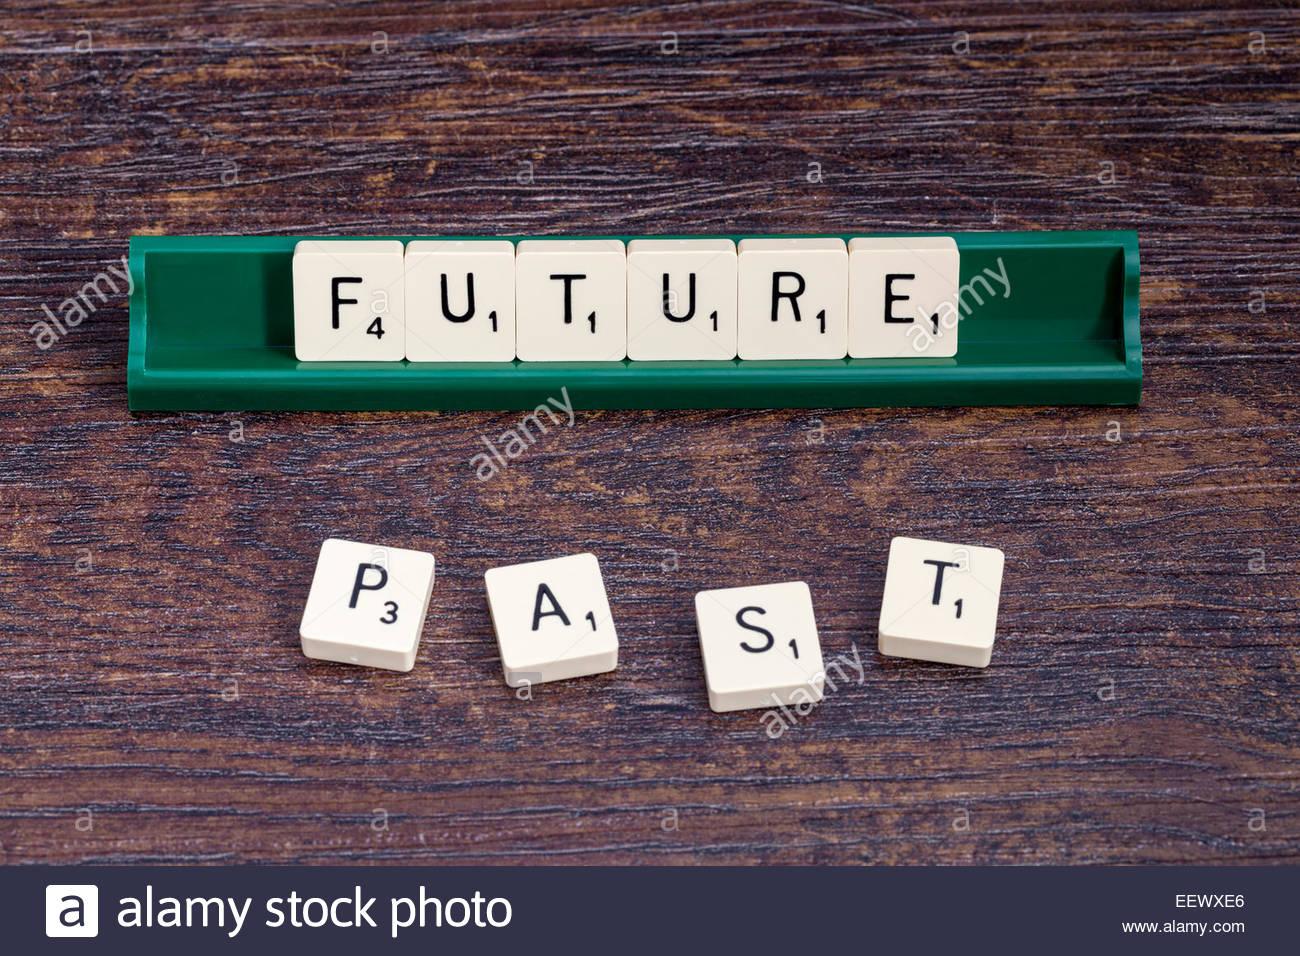 Zukunft und Vergangenheit mit Scrabble-Buchstaben ausgeschrieben. Stockbild